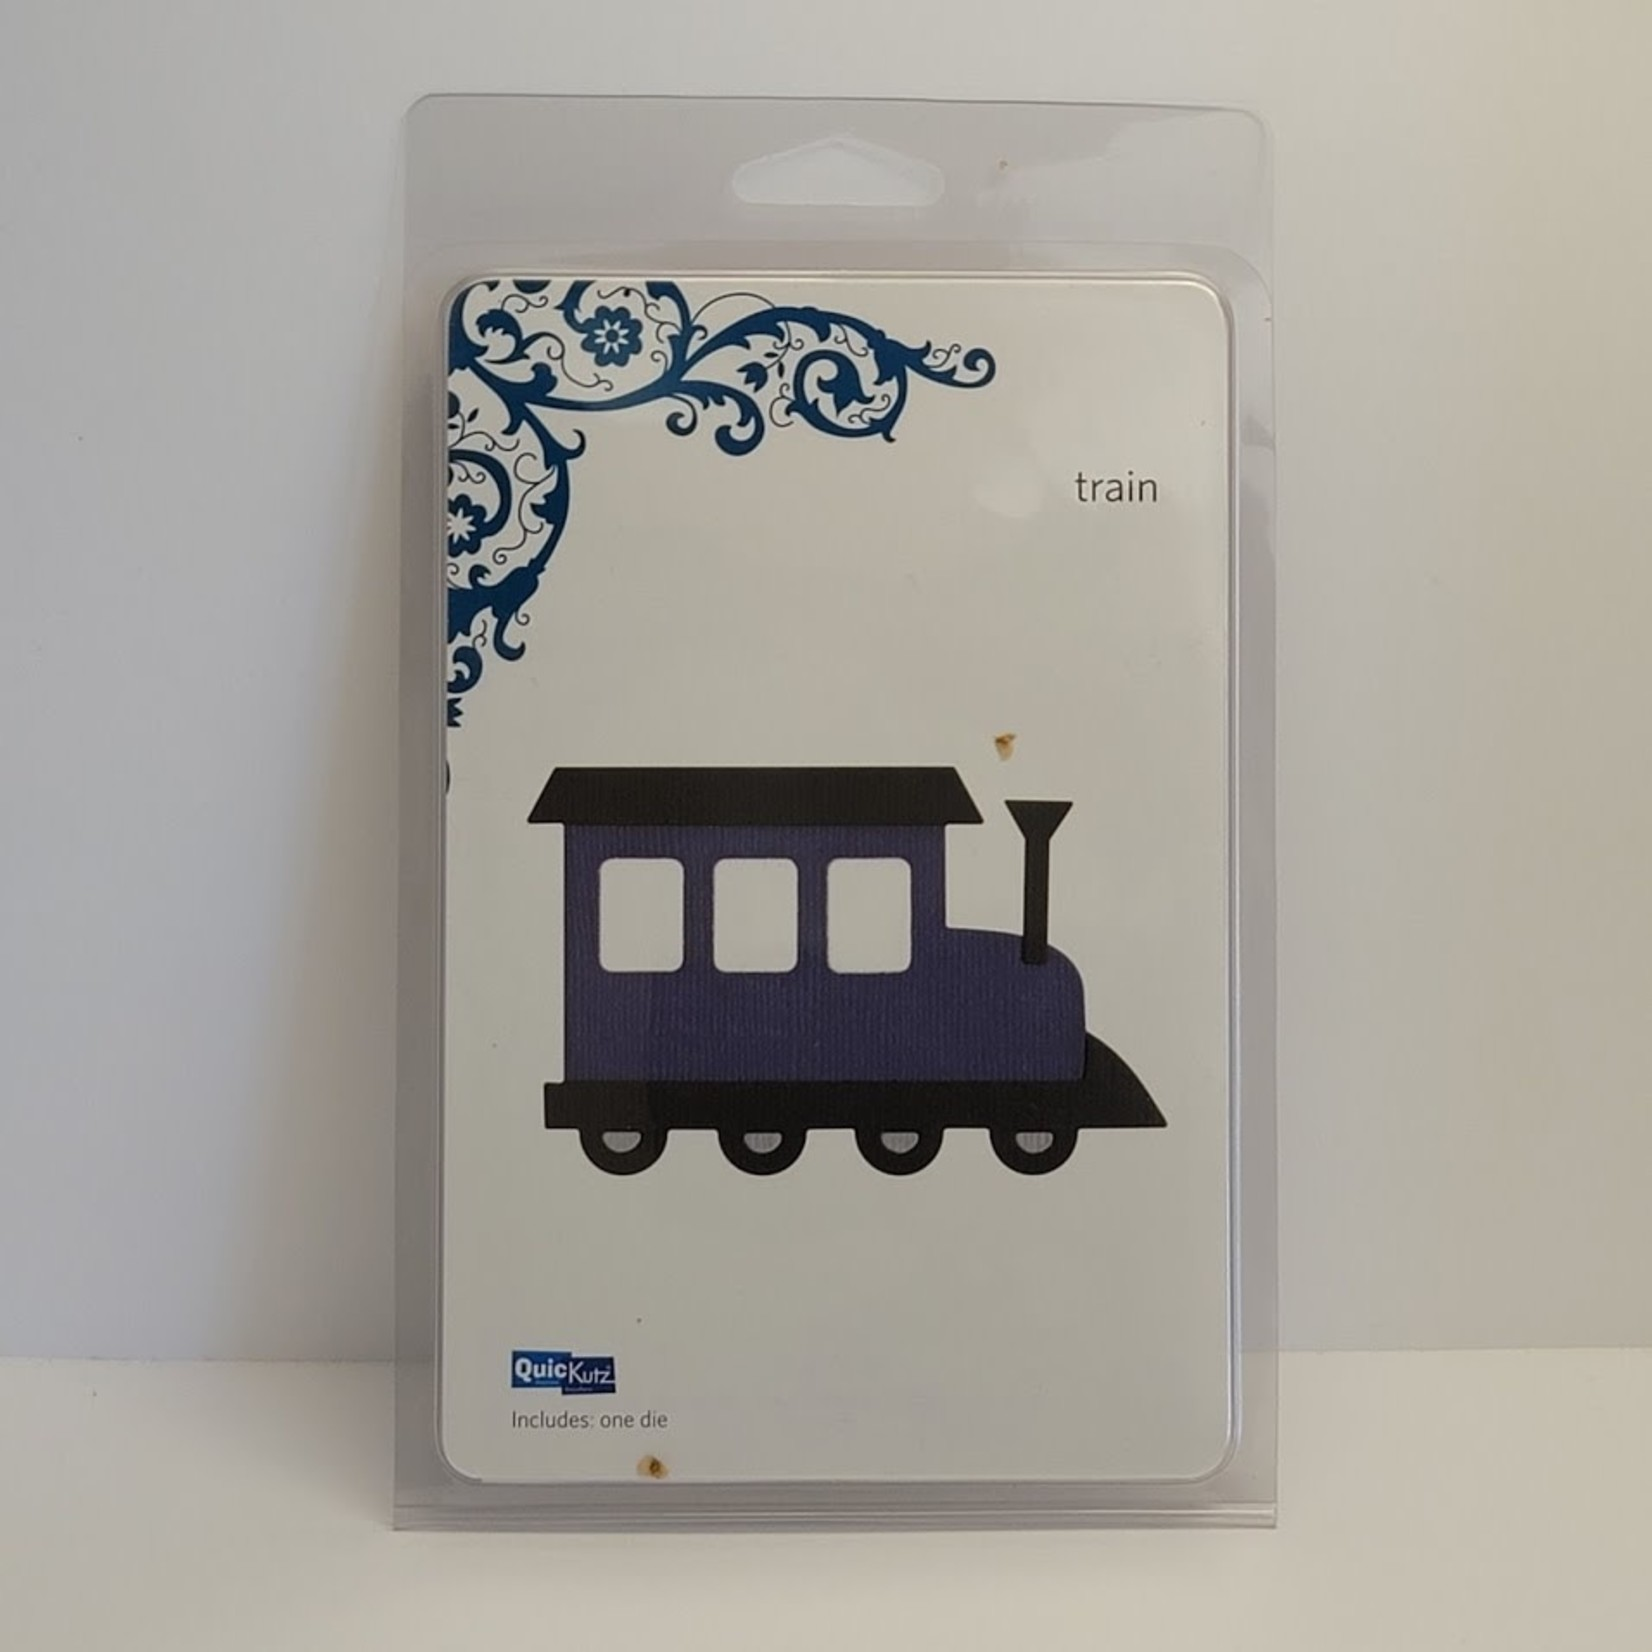 QuicKutz Quic Kutz - Dies - Train